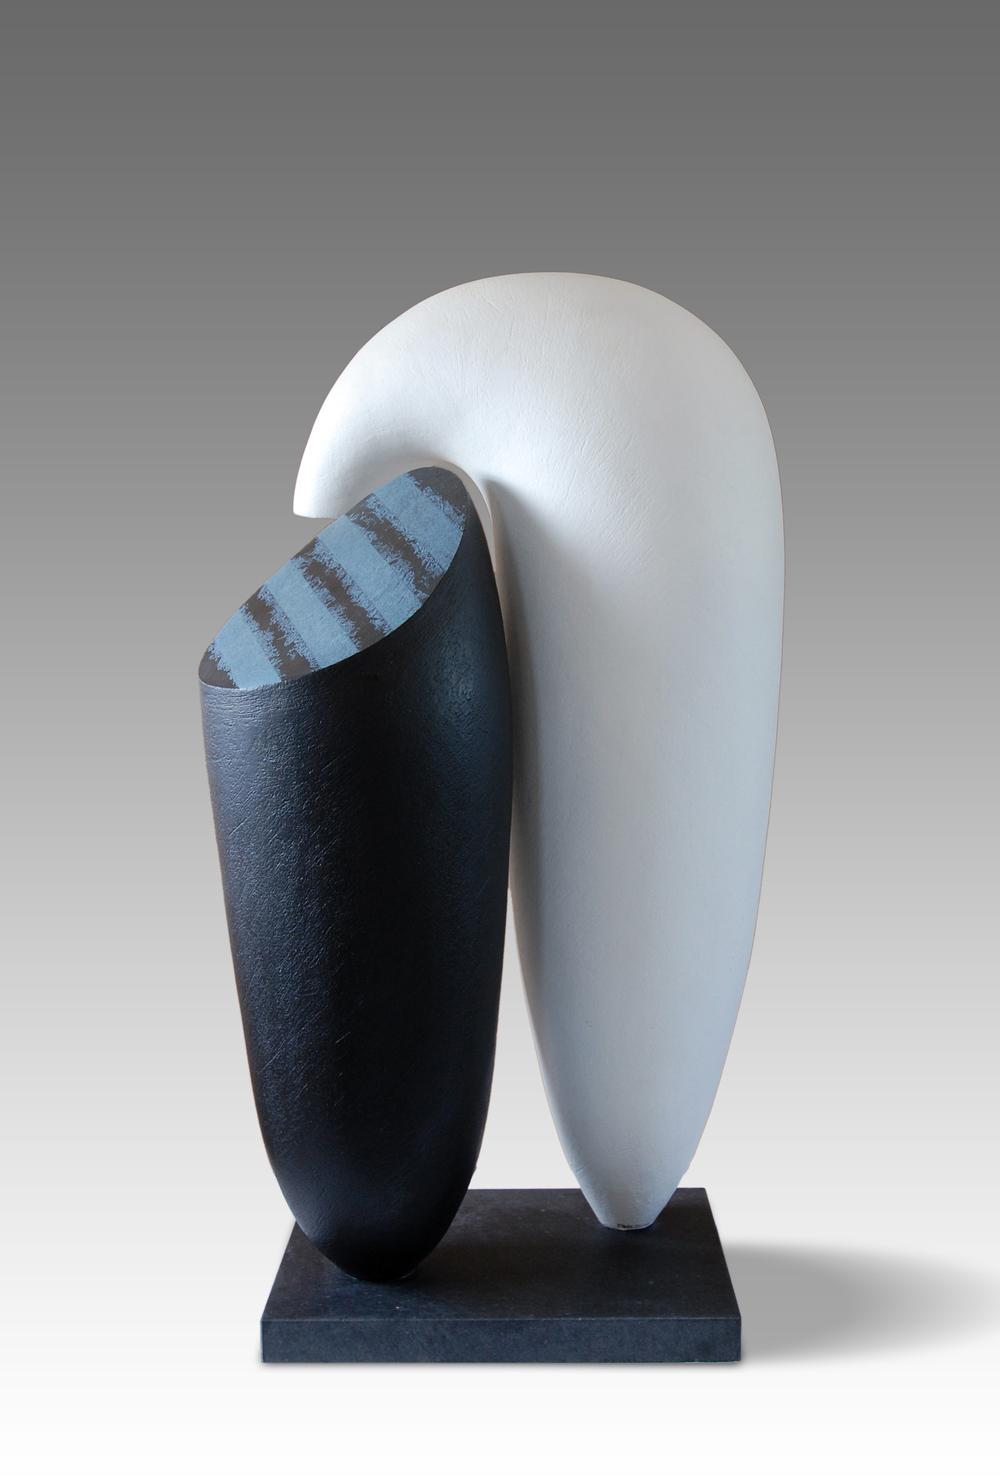 Strata, by Patricia Volk, H:72, W:45, D:29cms